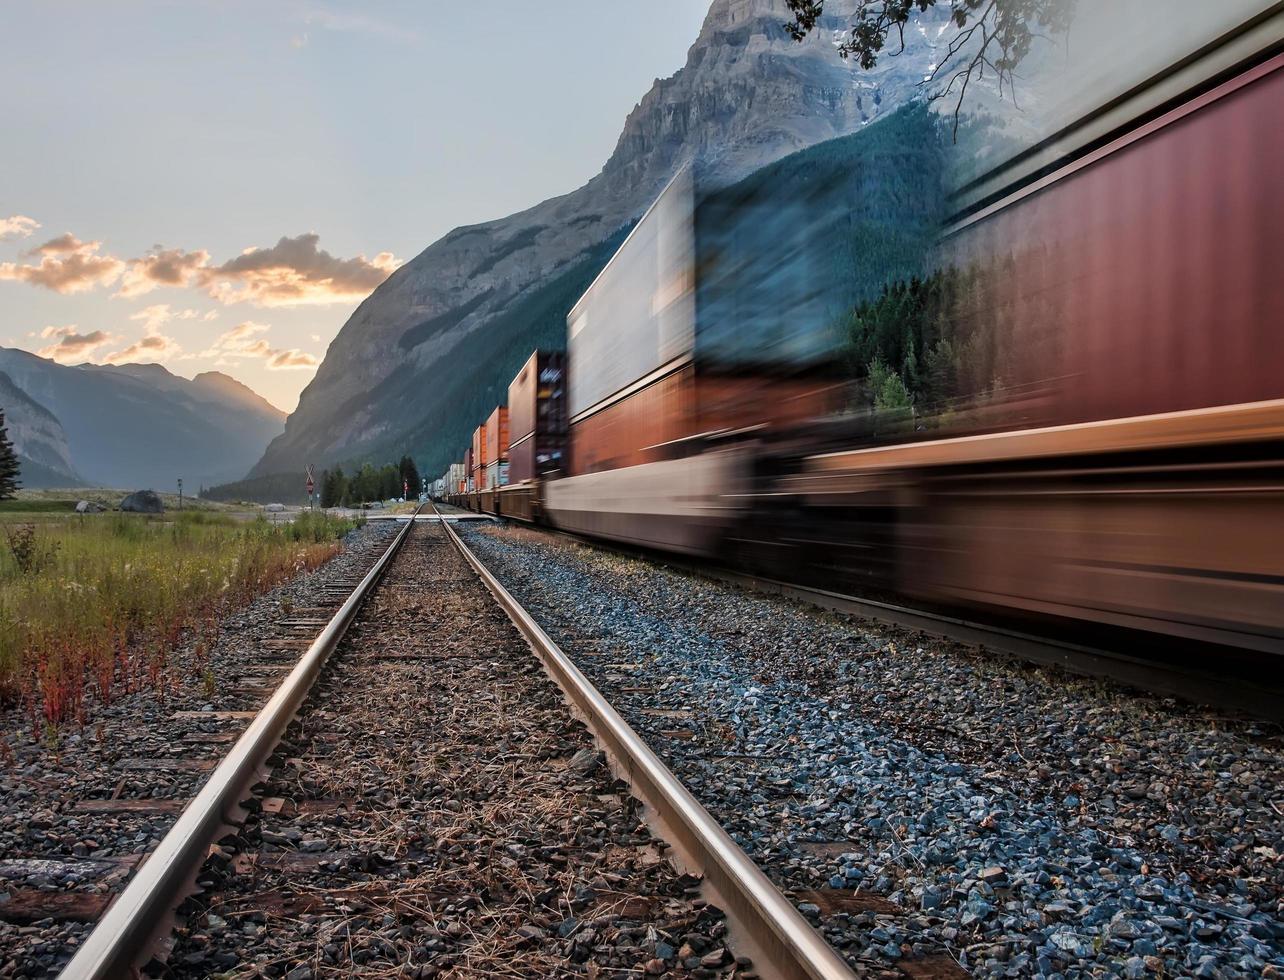 pasando el tren en vías foto